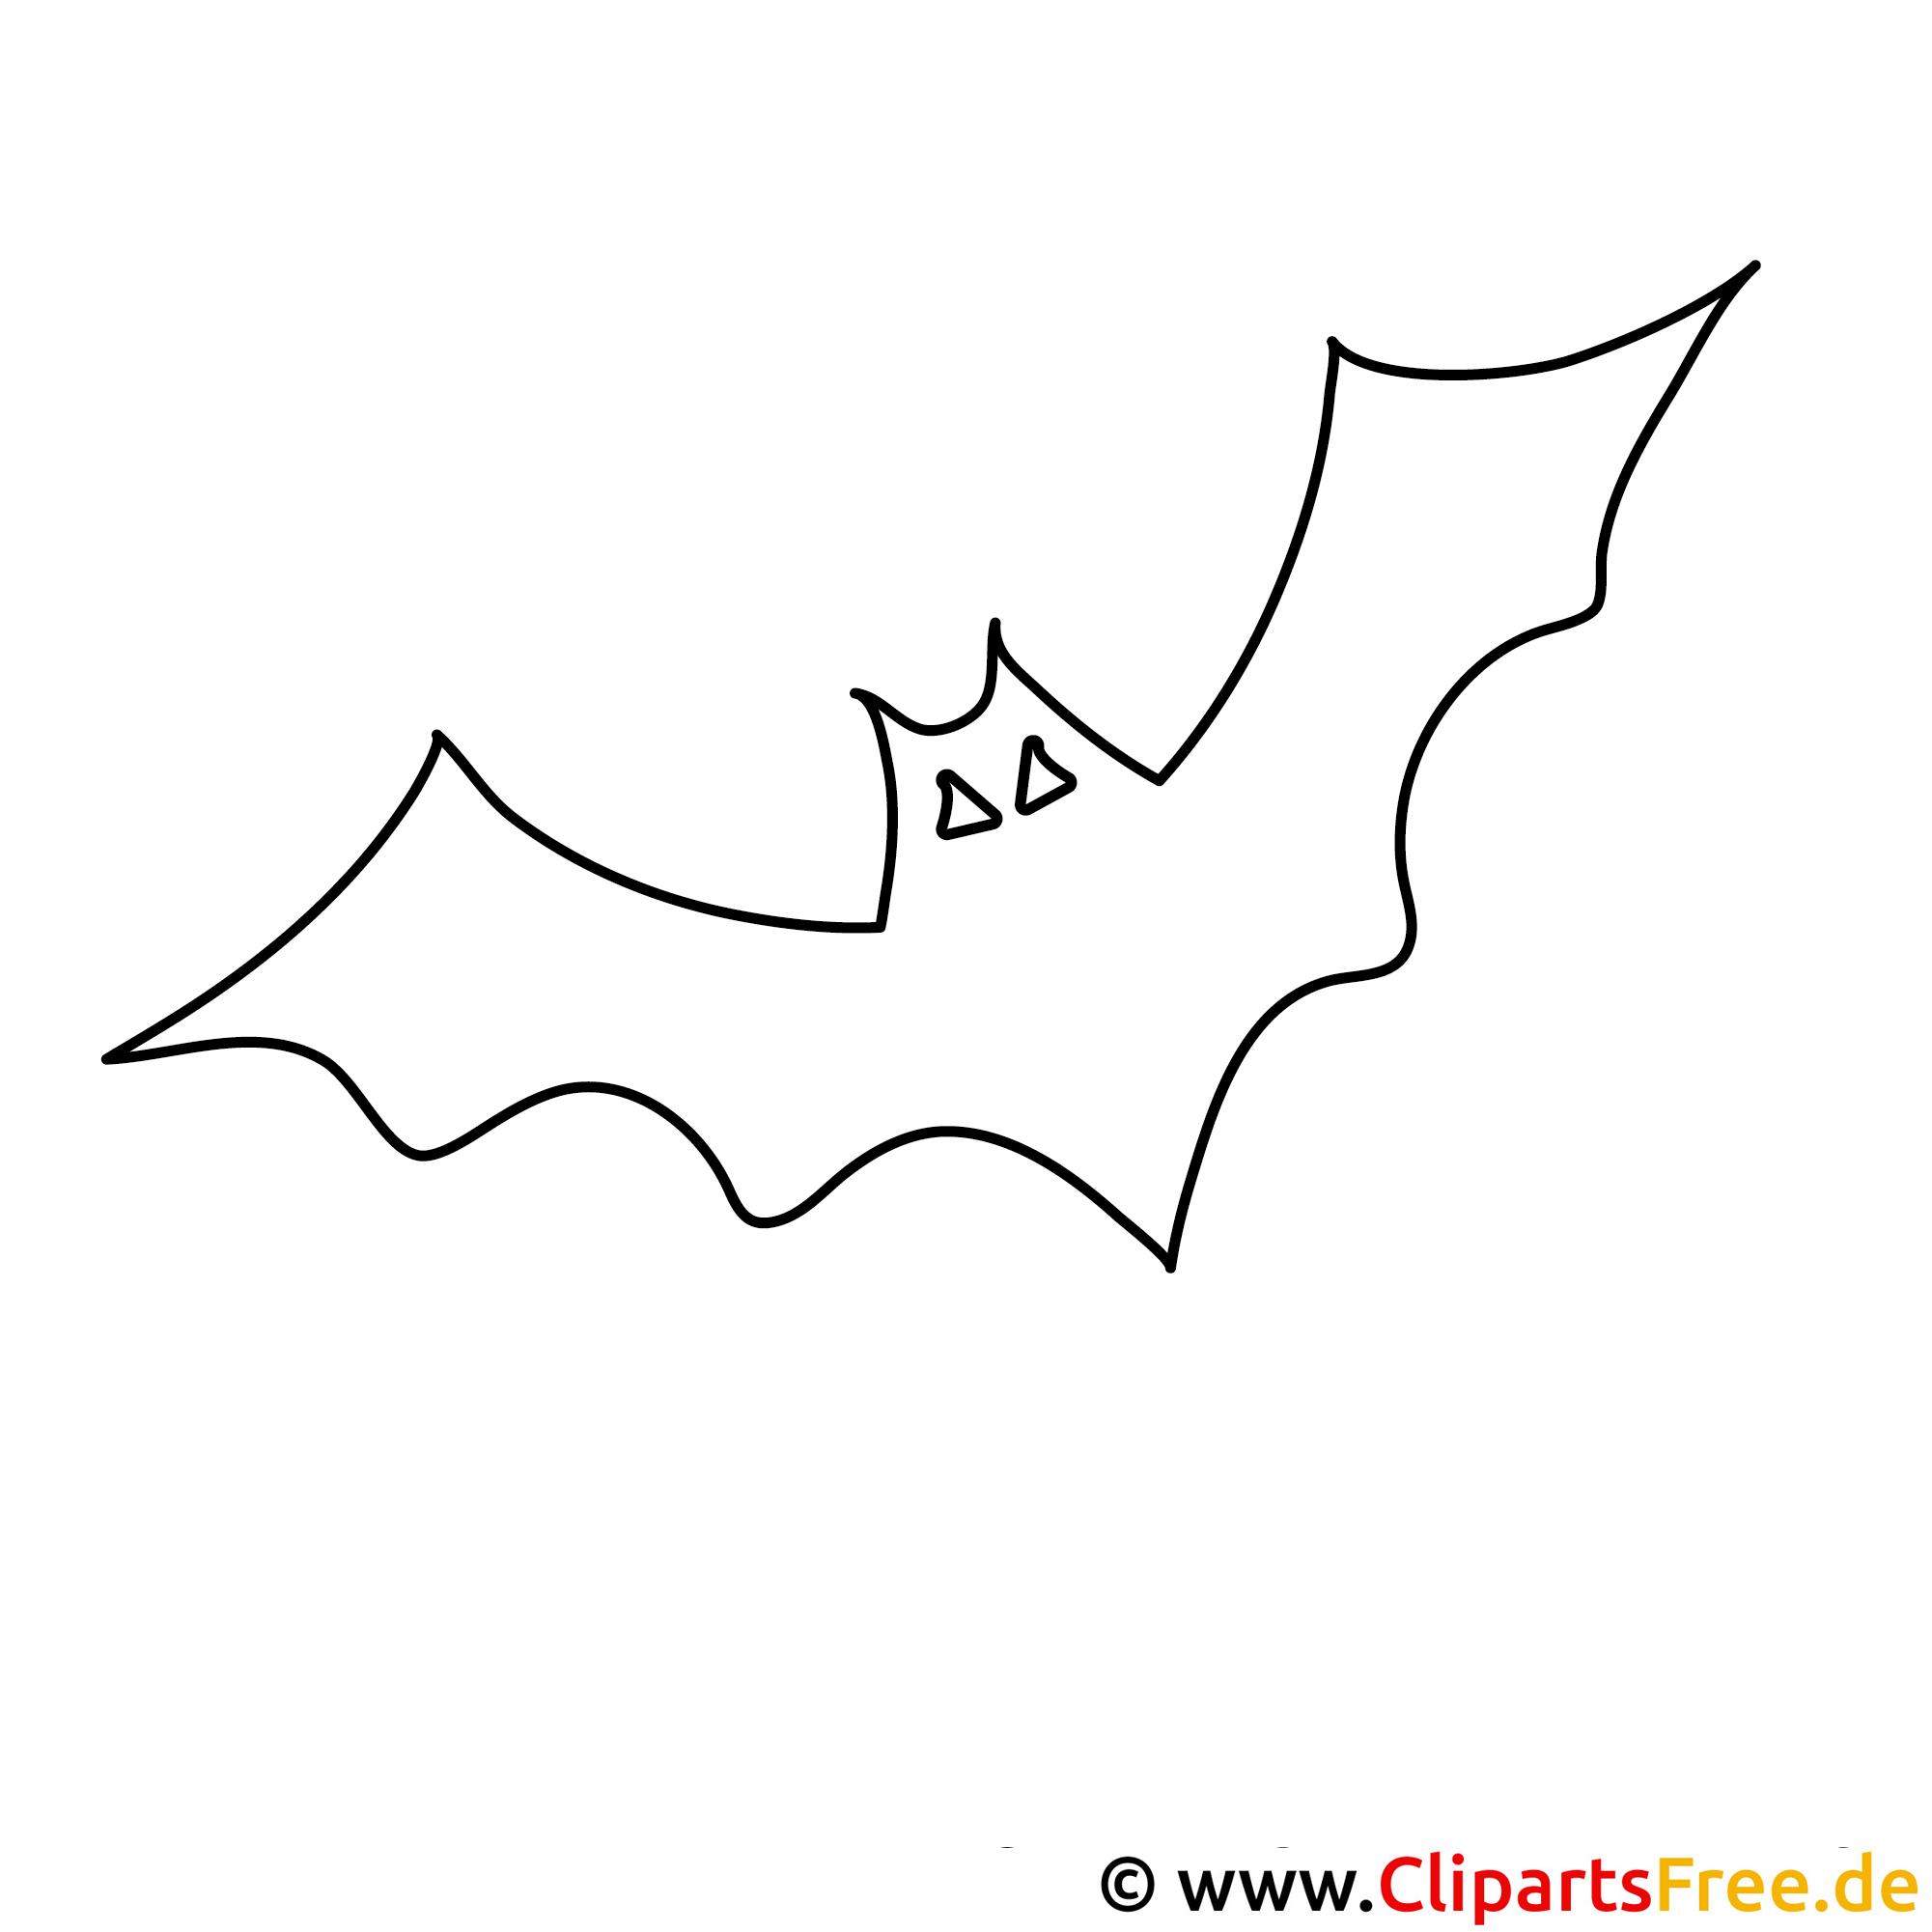 Halloween Malvorlage mit Fledermaus kostenlos